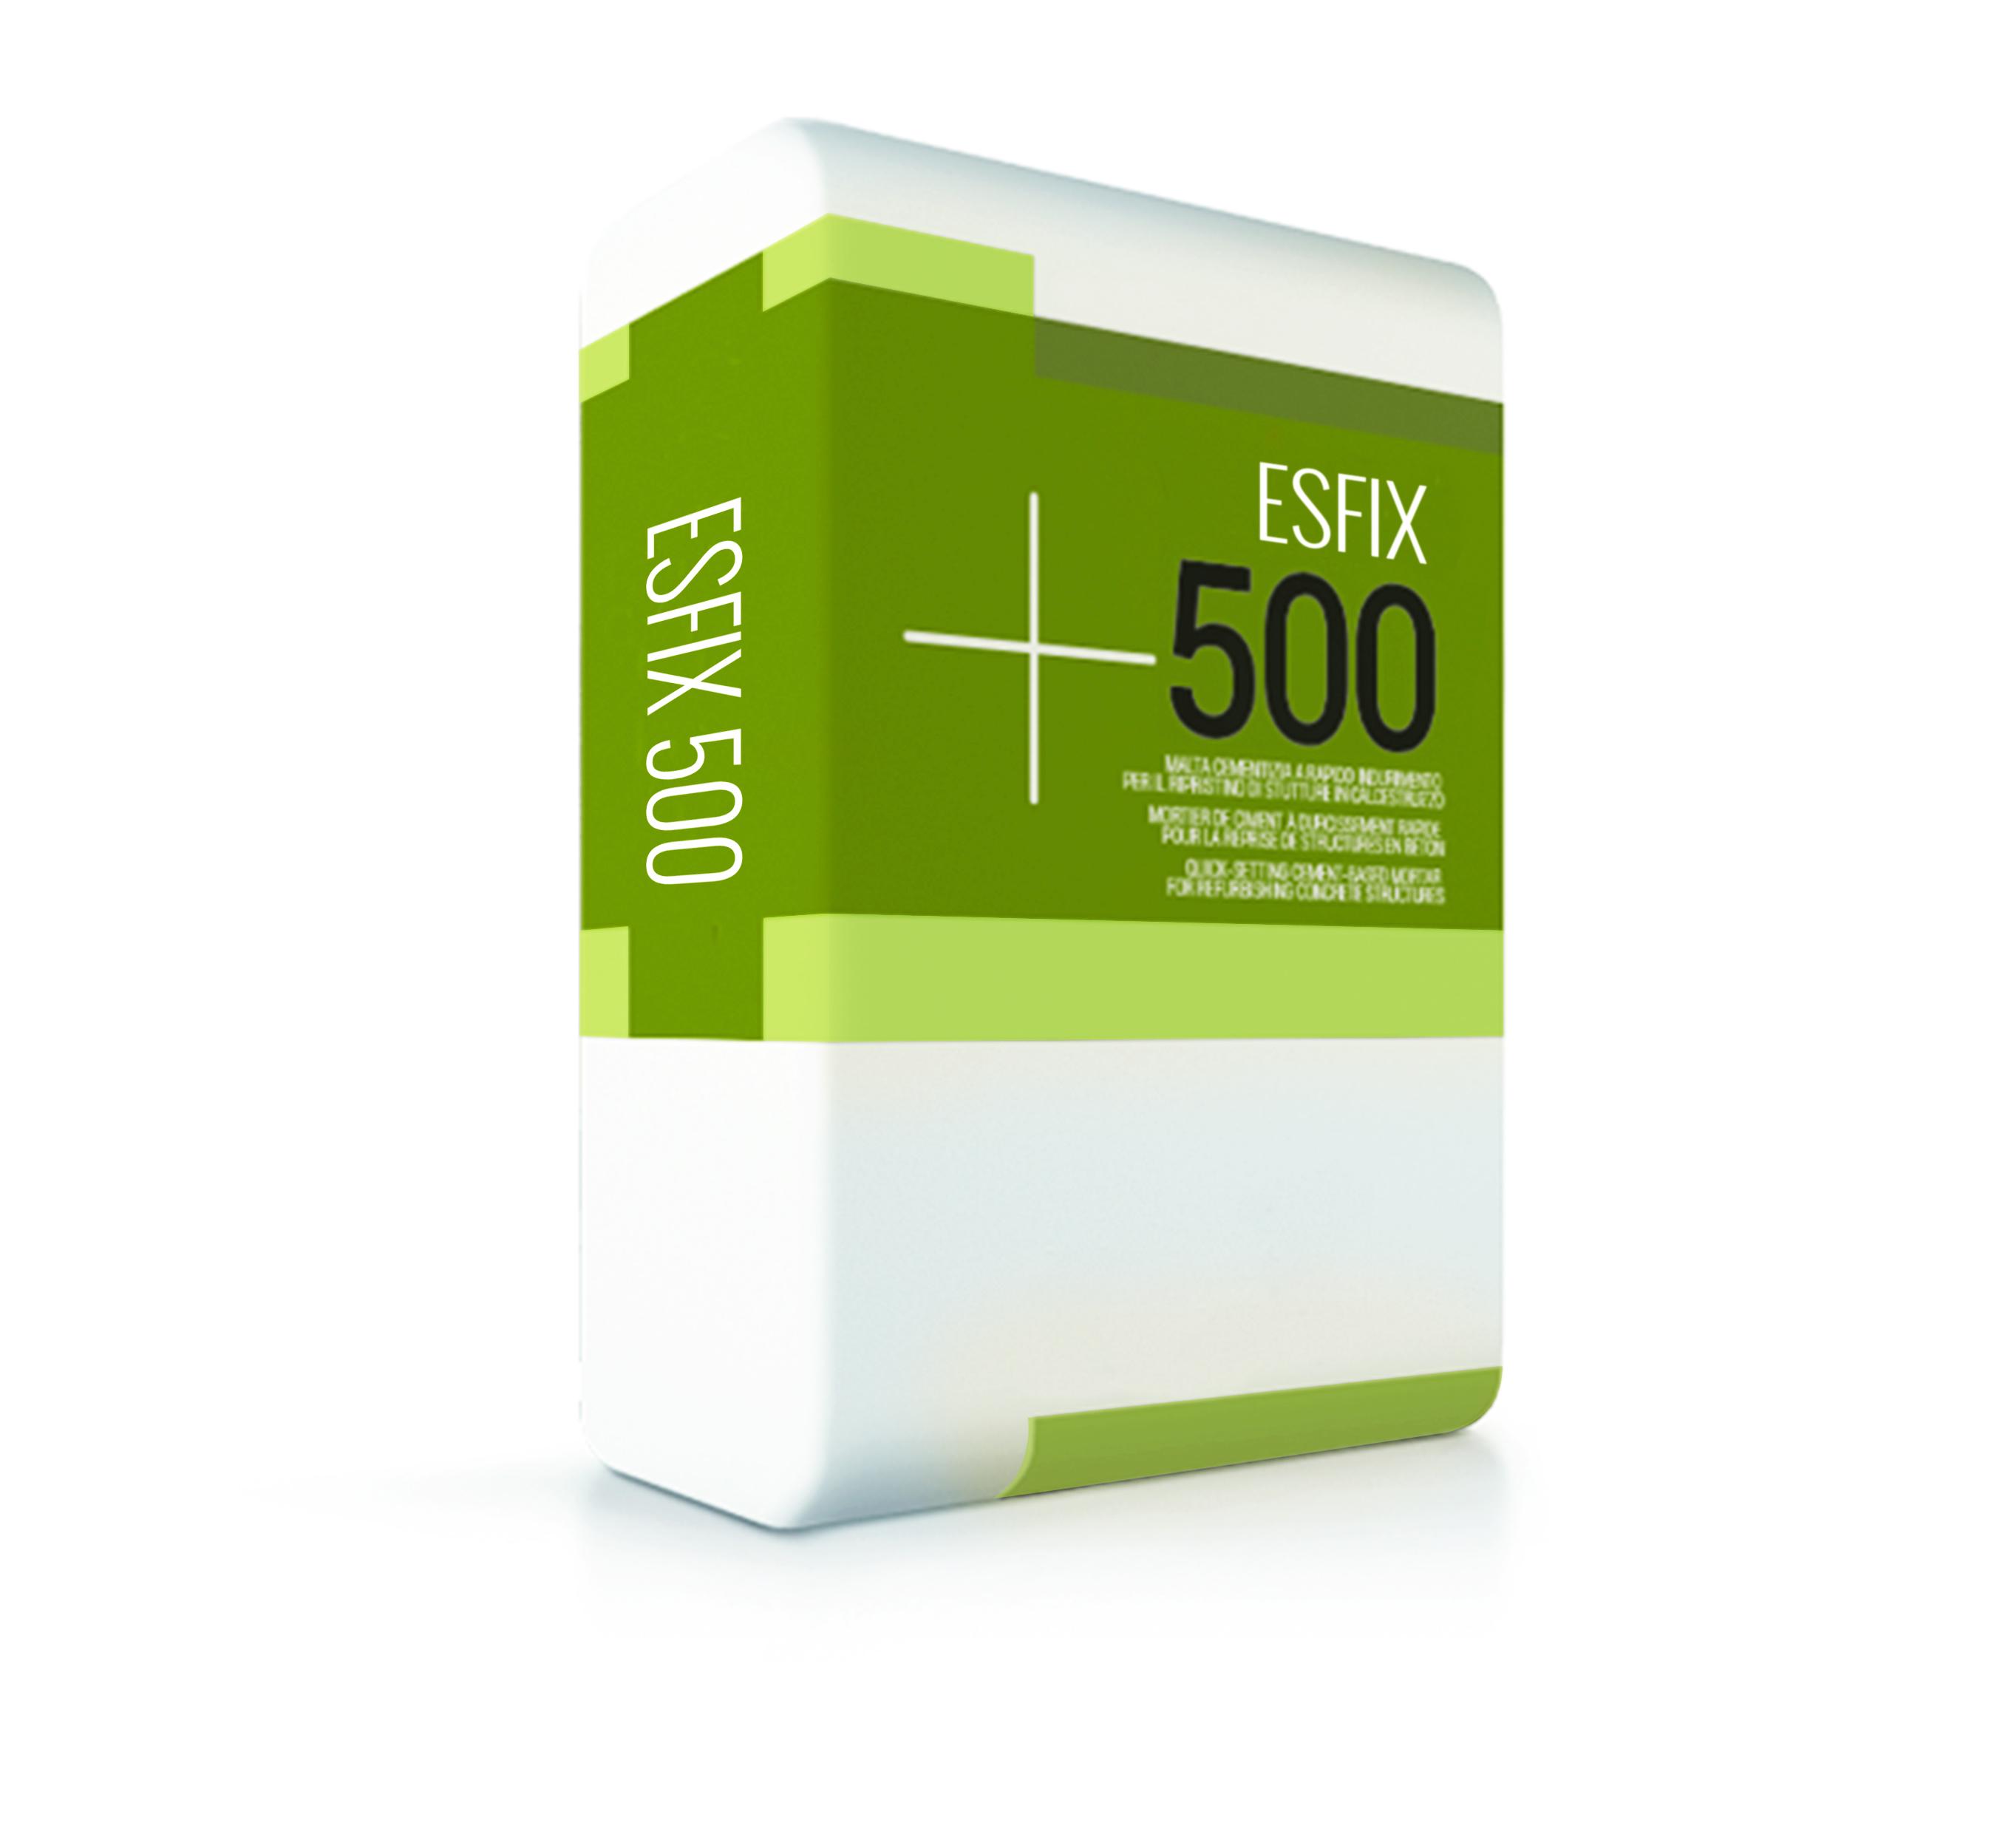 esfix 500